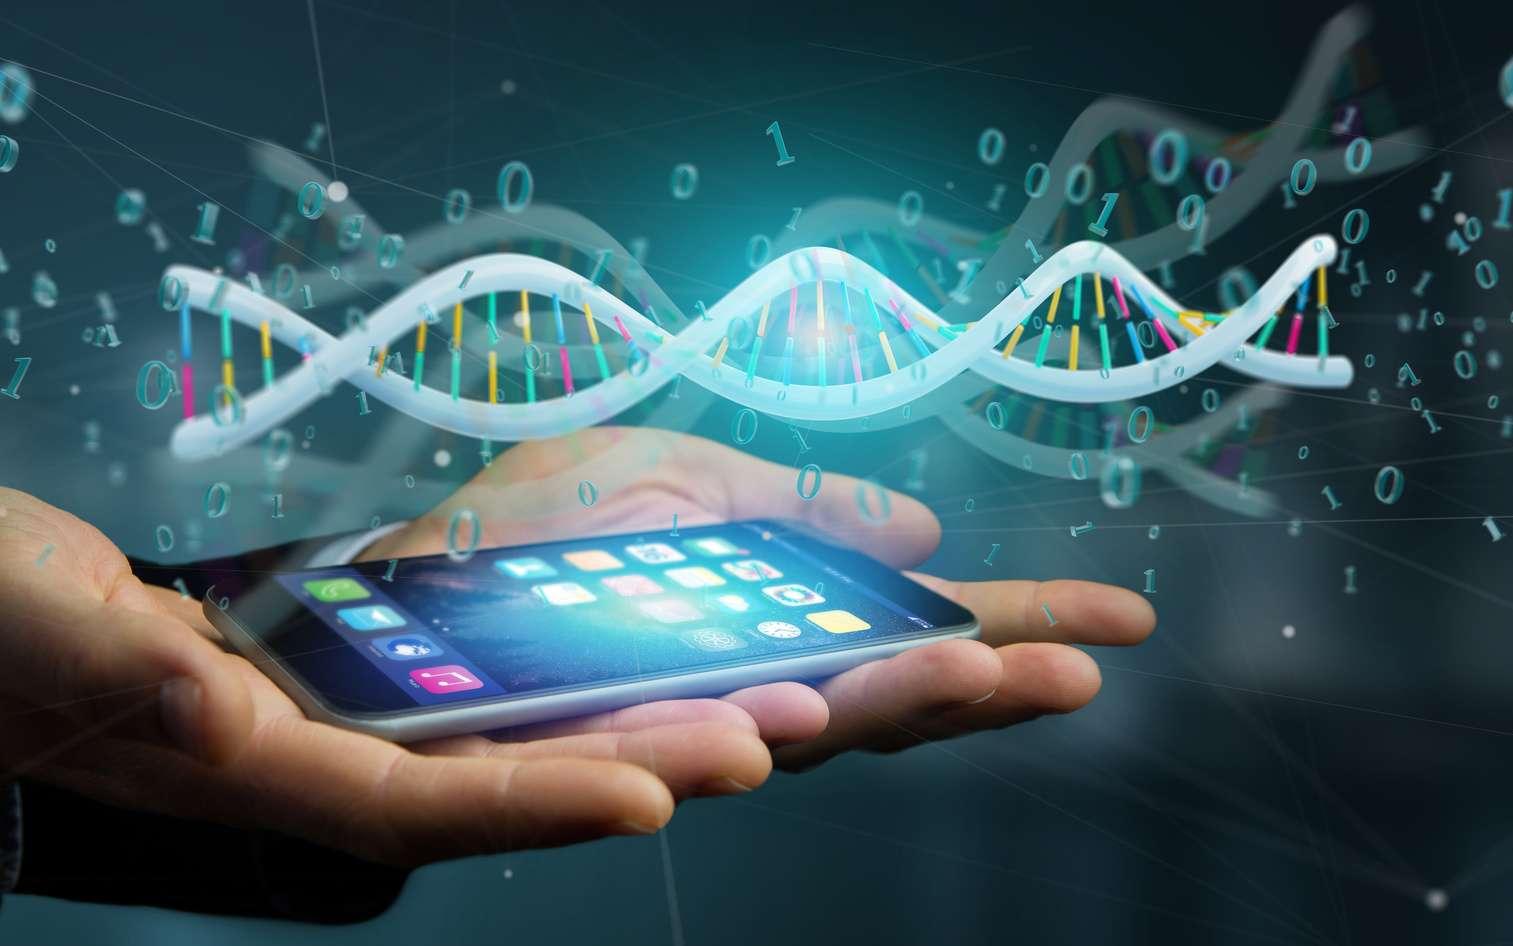 La baisse du coût du séquençage ADN permet d'envisager sérieusement son usage pour la sauvegarde de données numériques. © Production Perig, Fotolia